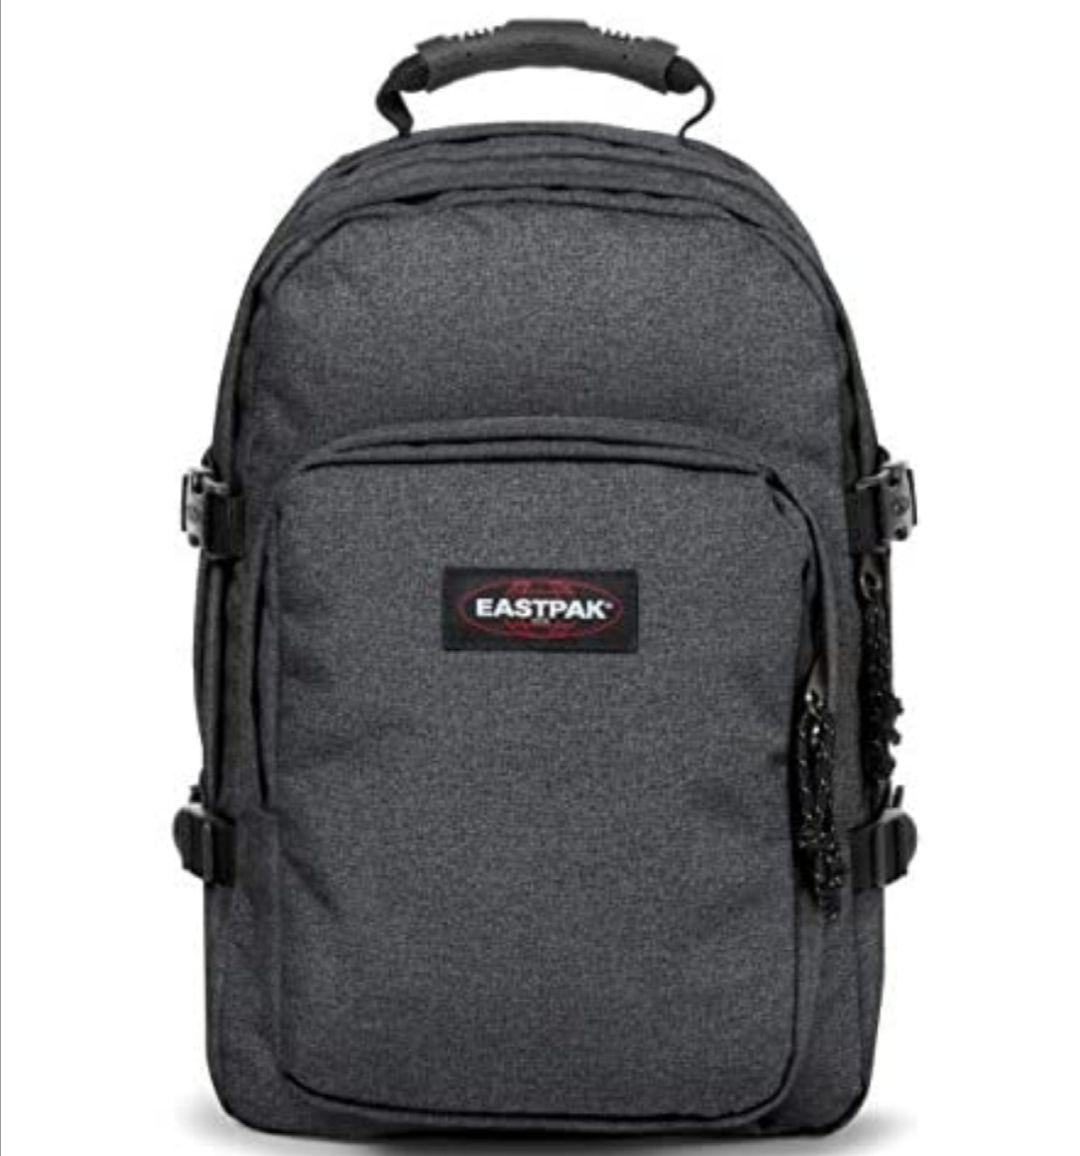 Eastpak Provider Mochila, 44 cm, 33 L, Gris (varios modelos y precios)